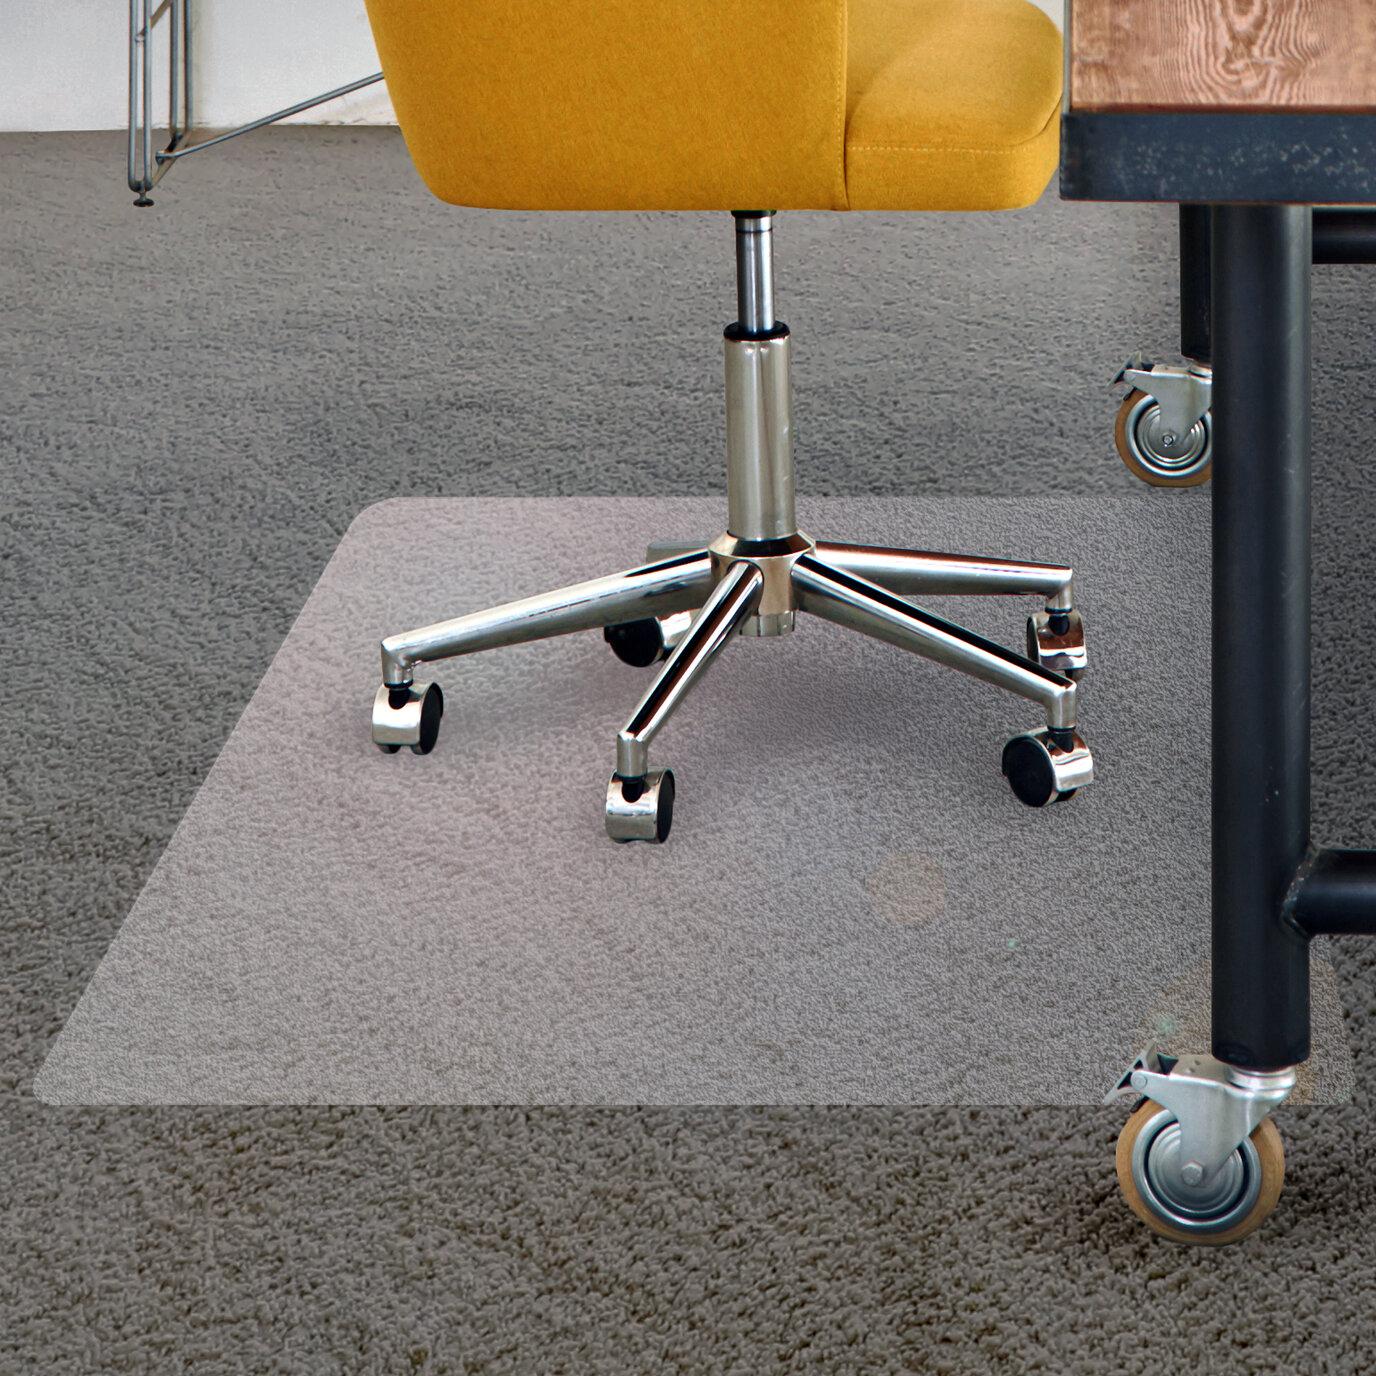 Floortex Low Pile Carpet Straight Rectangular Chair Mat Reviews Wayfair